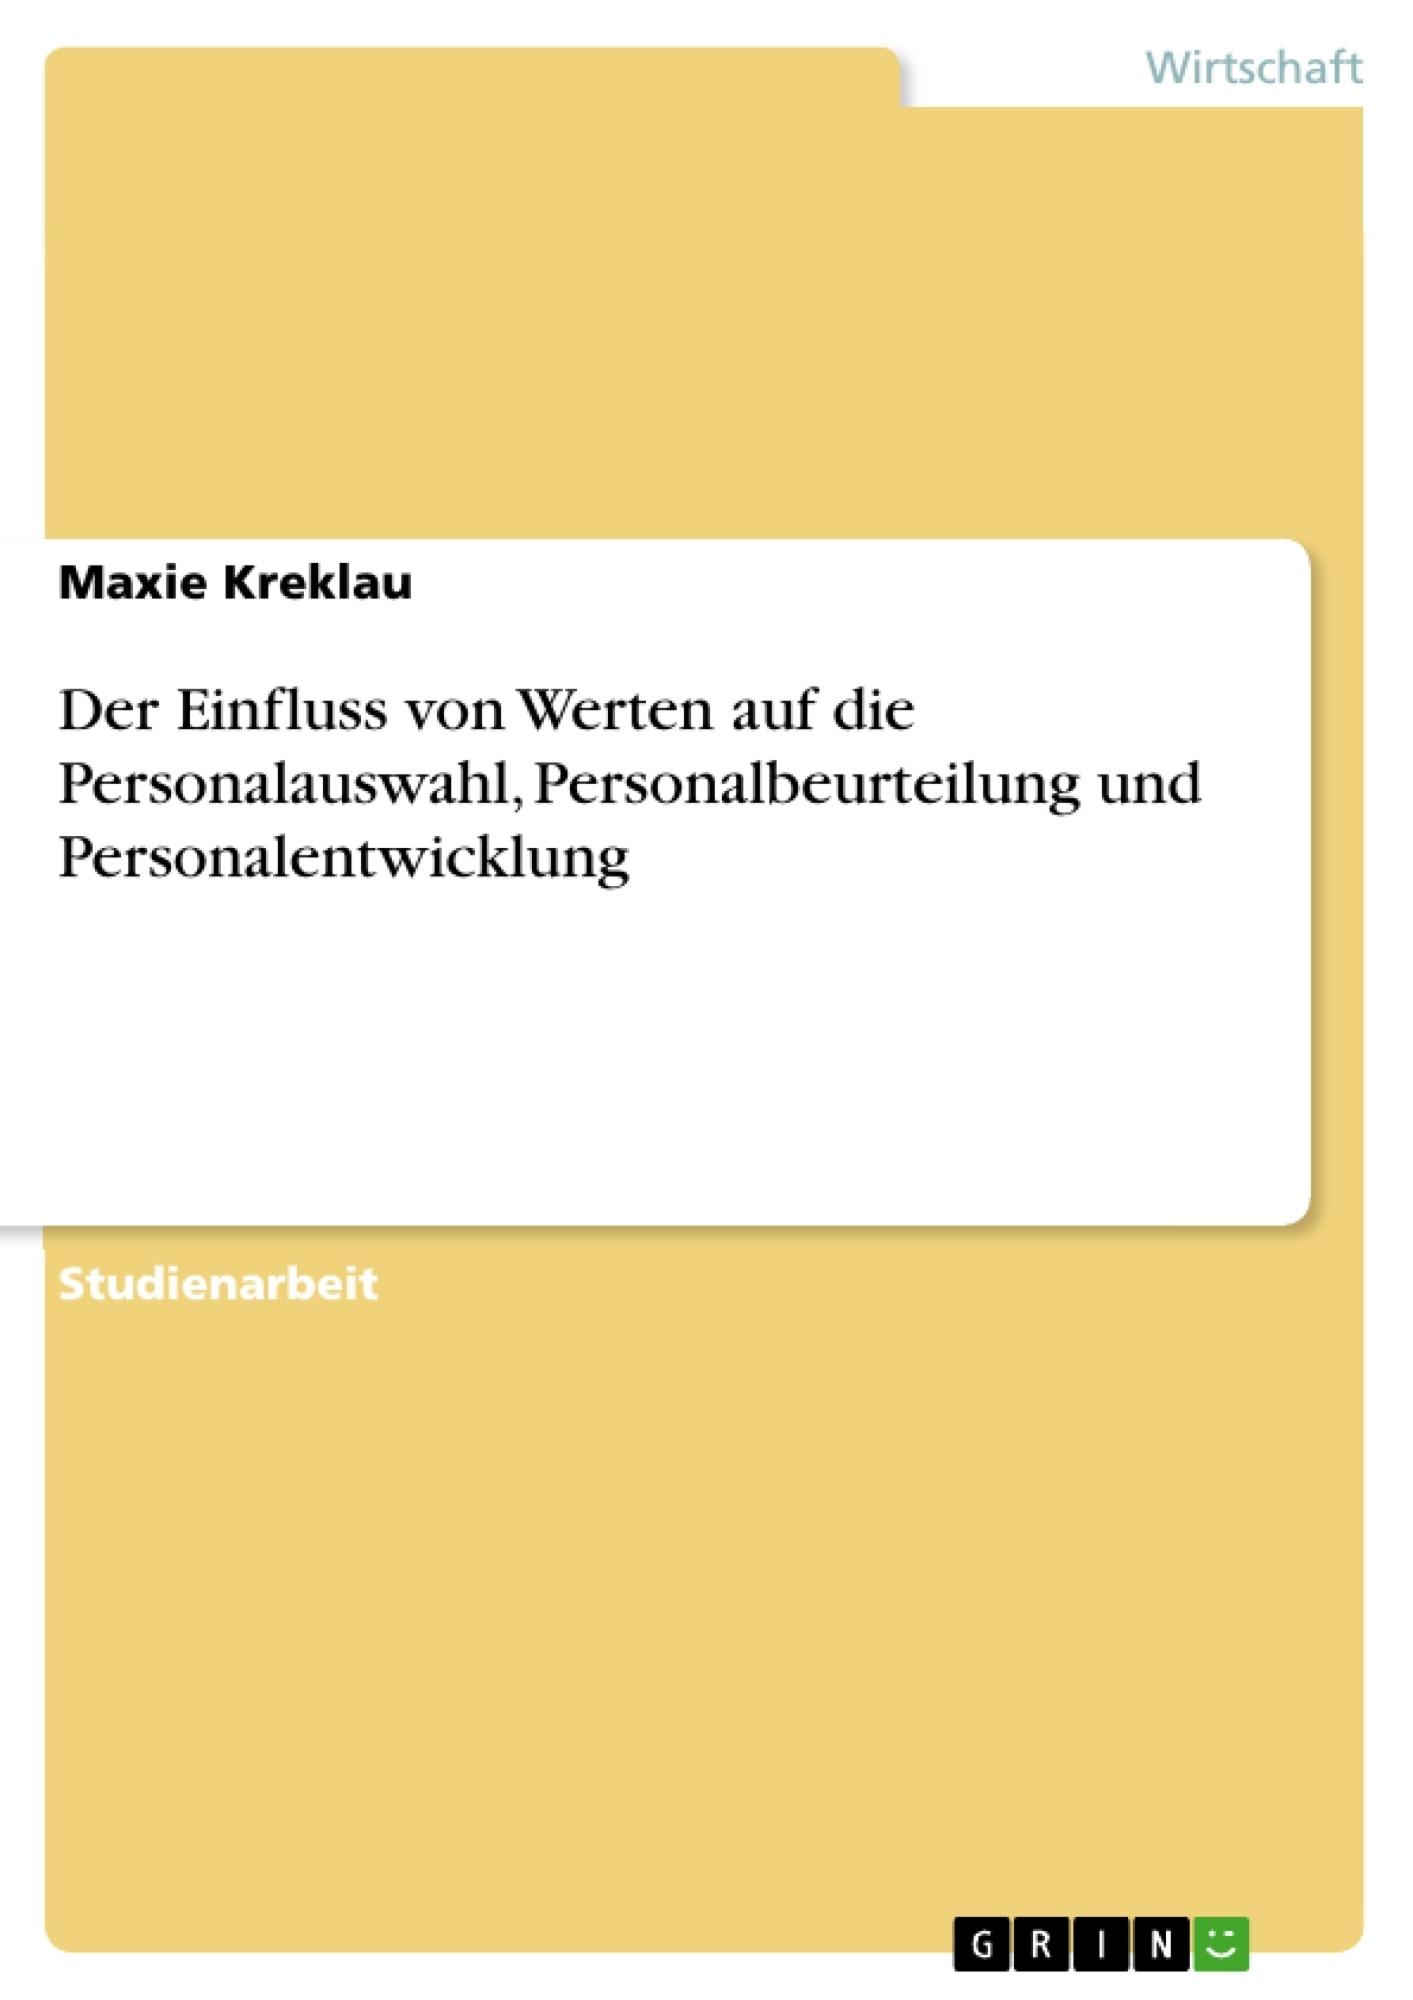 Titel: Der Einfluss von Werten auf die Personalauswahl, Personalbeurteilung und Personalentwicklung